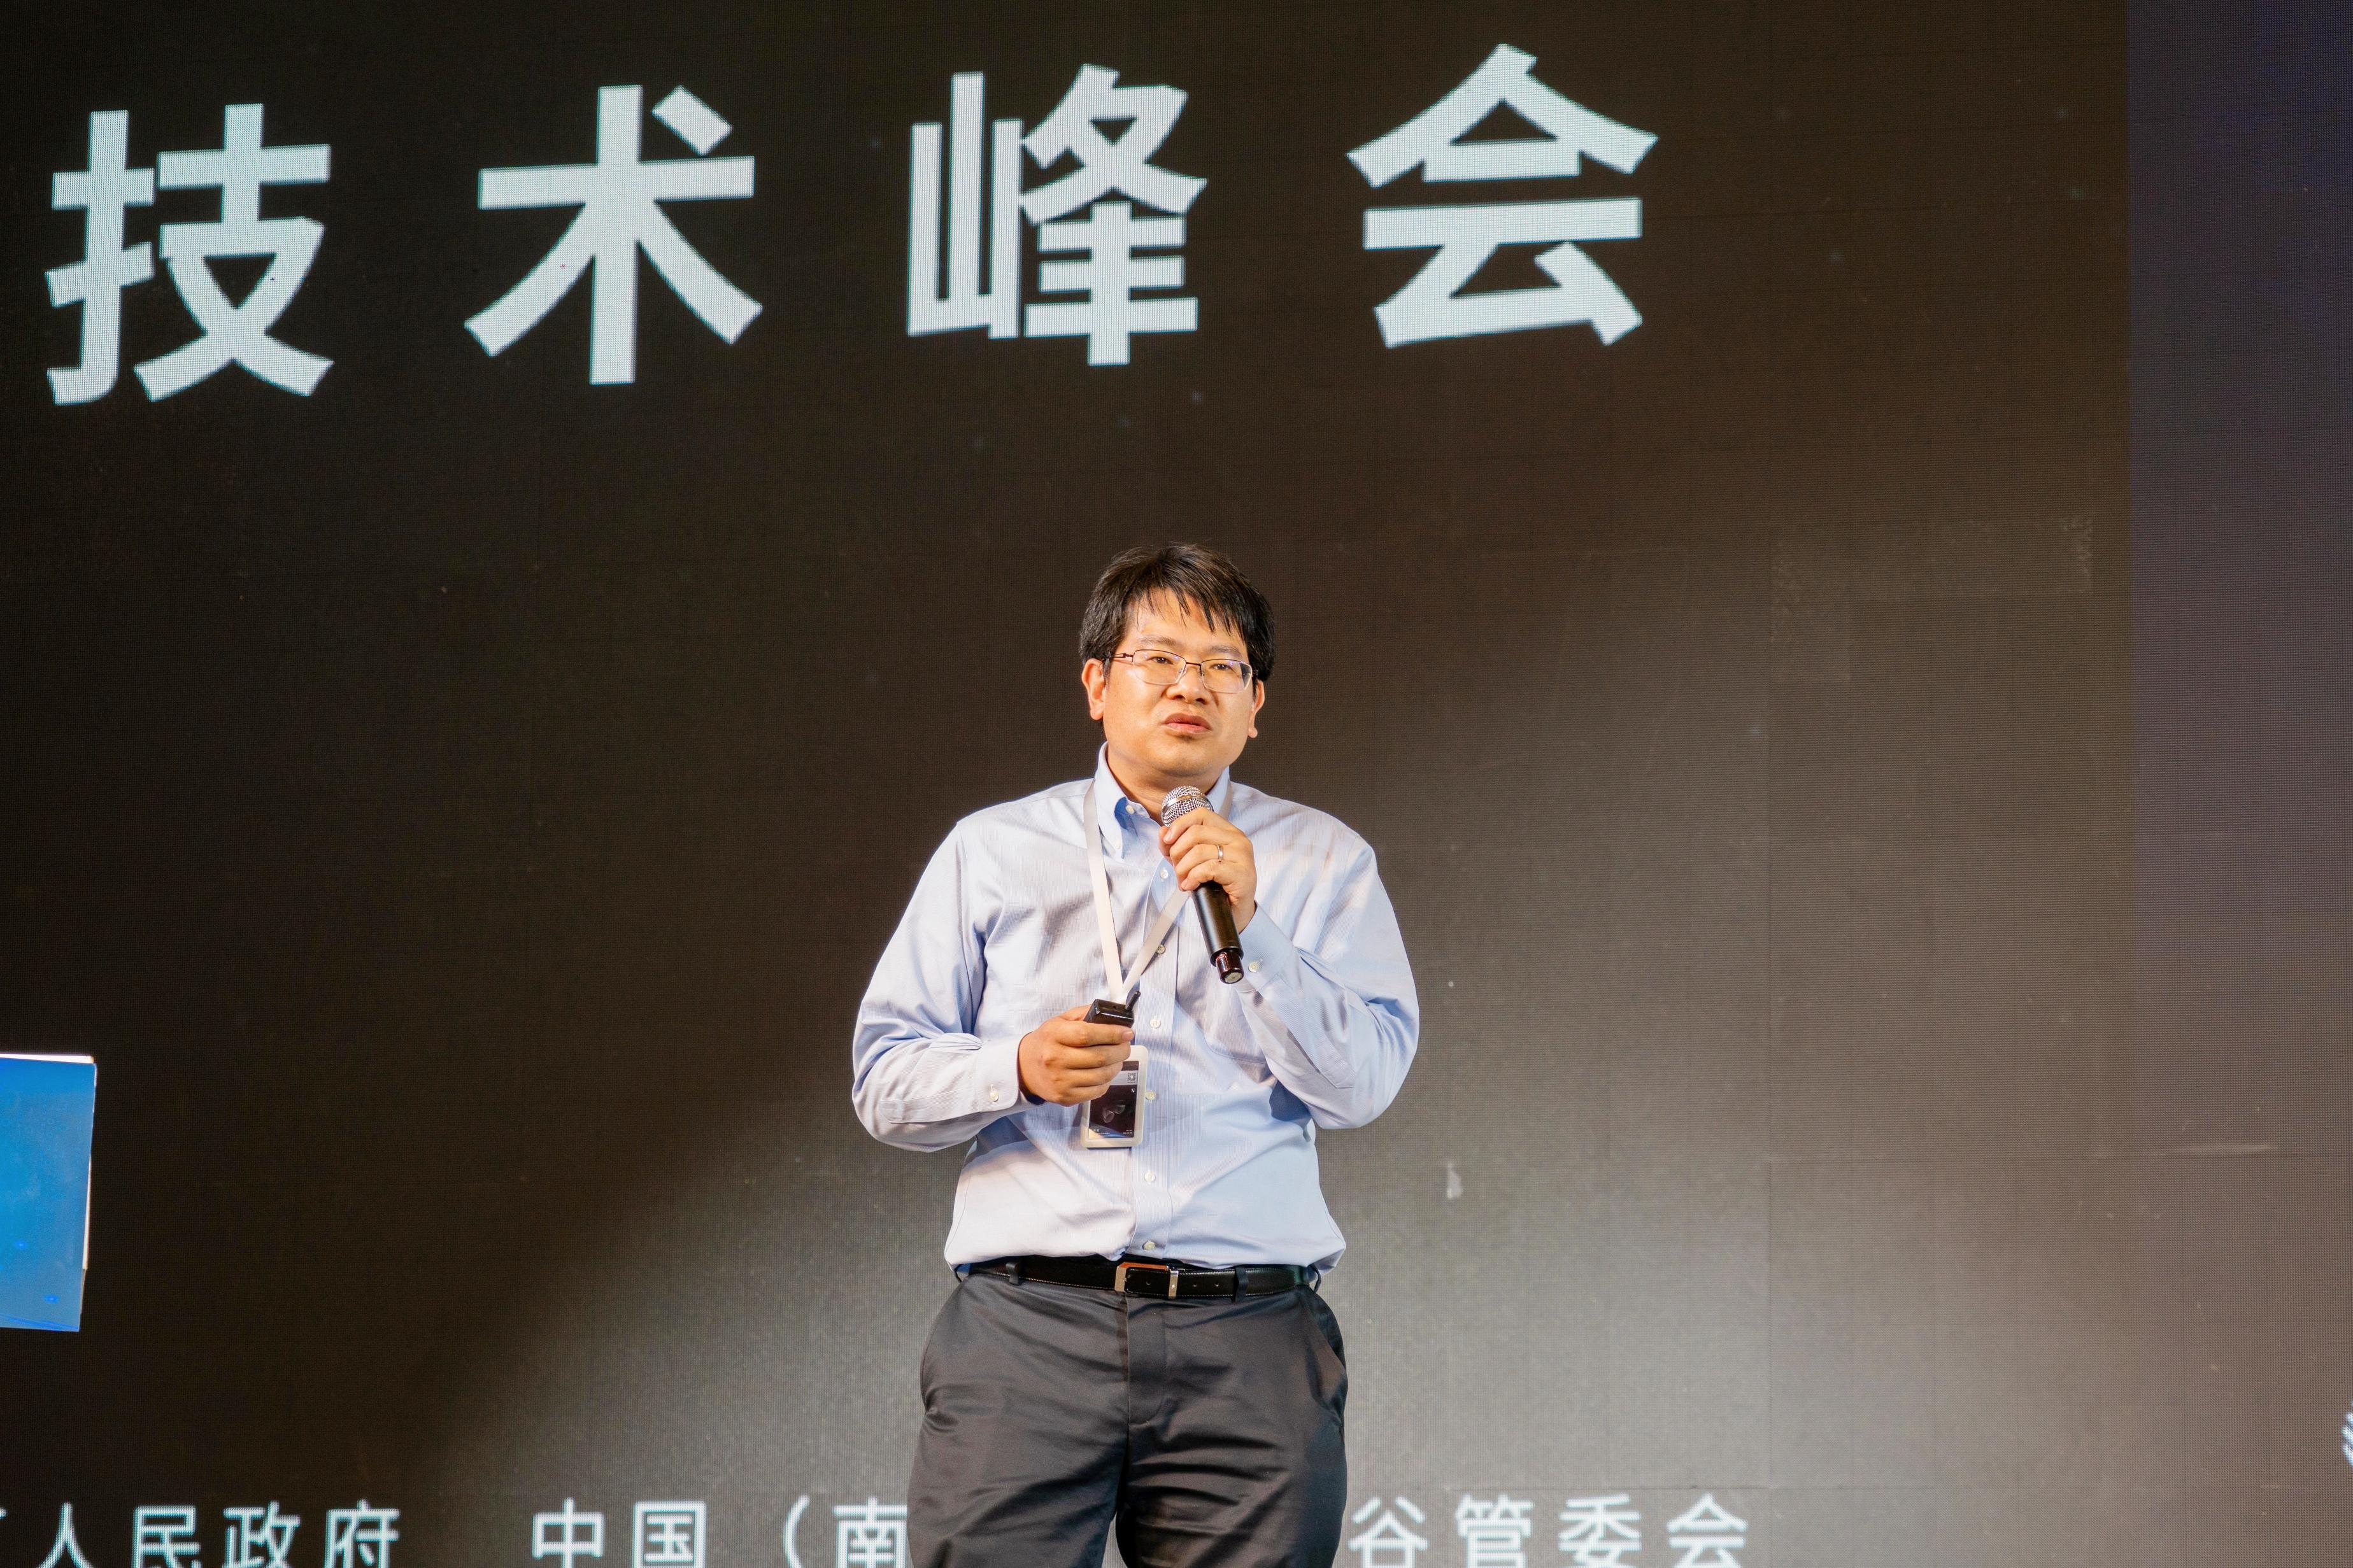 """中兴通讯副总裁陆平:5G时代,边缘计算""""解放""""XR终端,模糊虚拟和现实边界"""